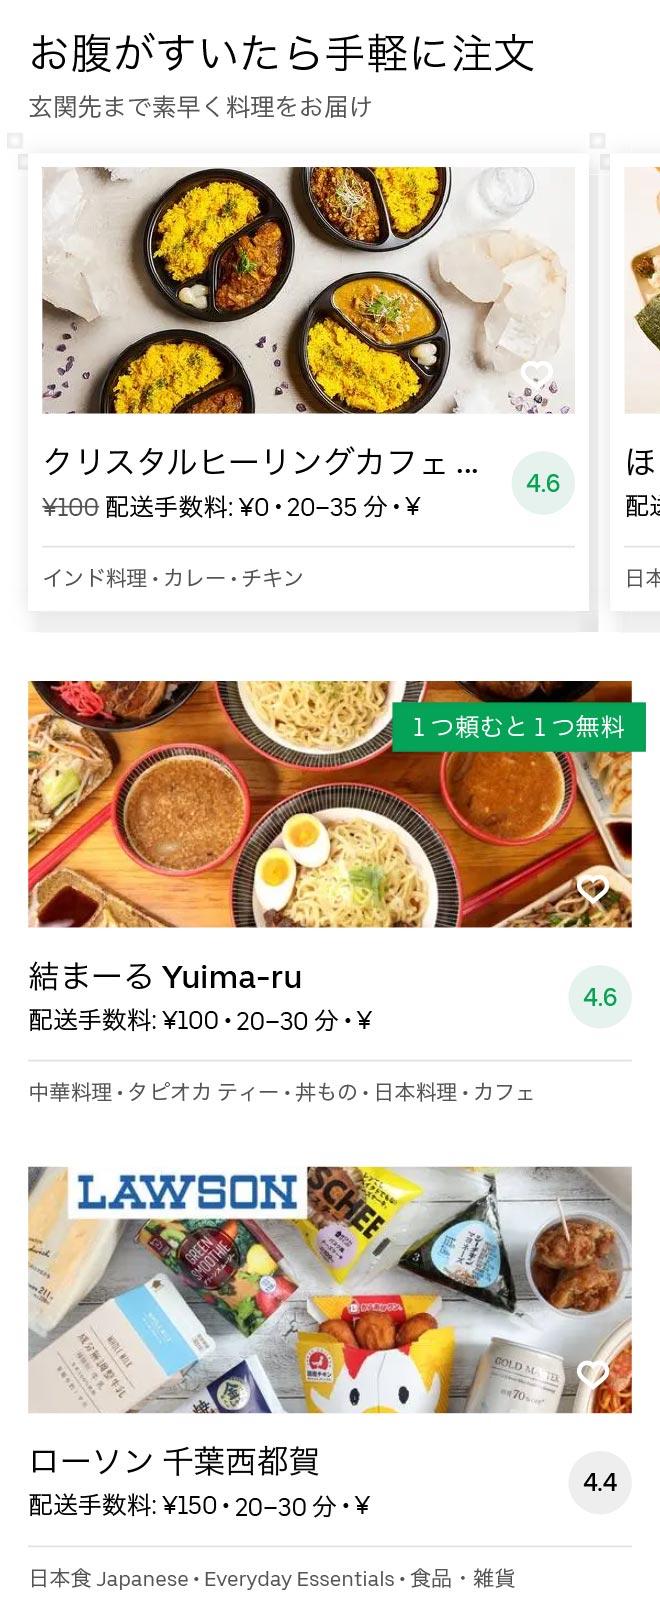 Tsuga menu 2010 02